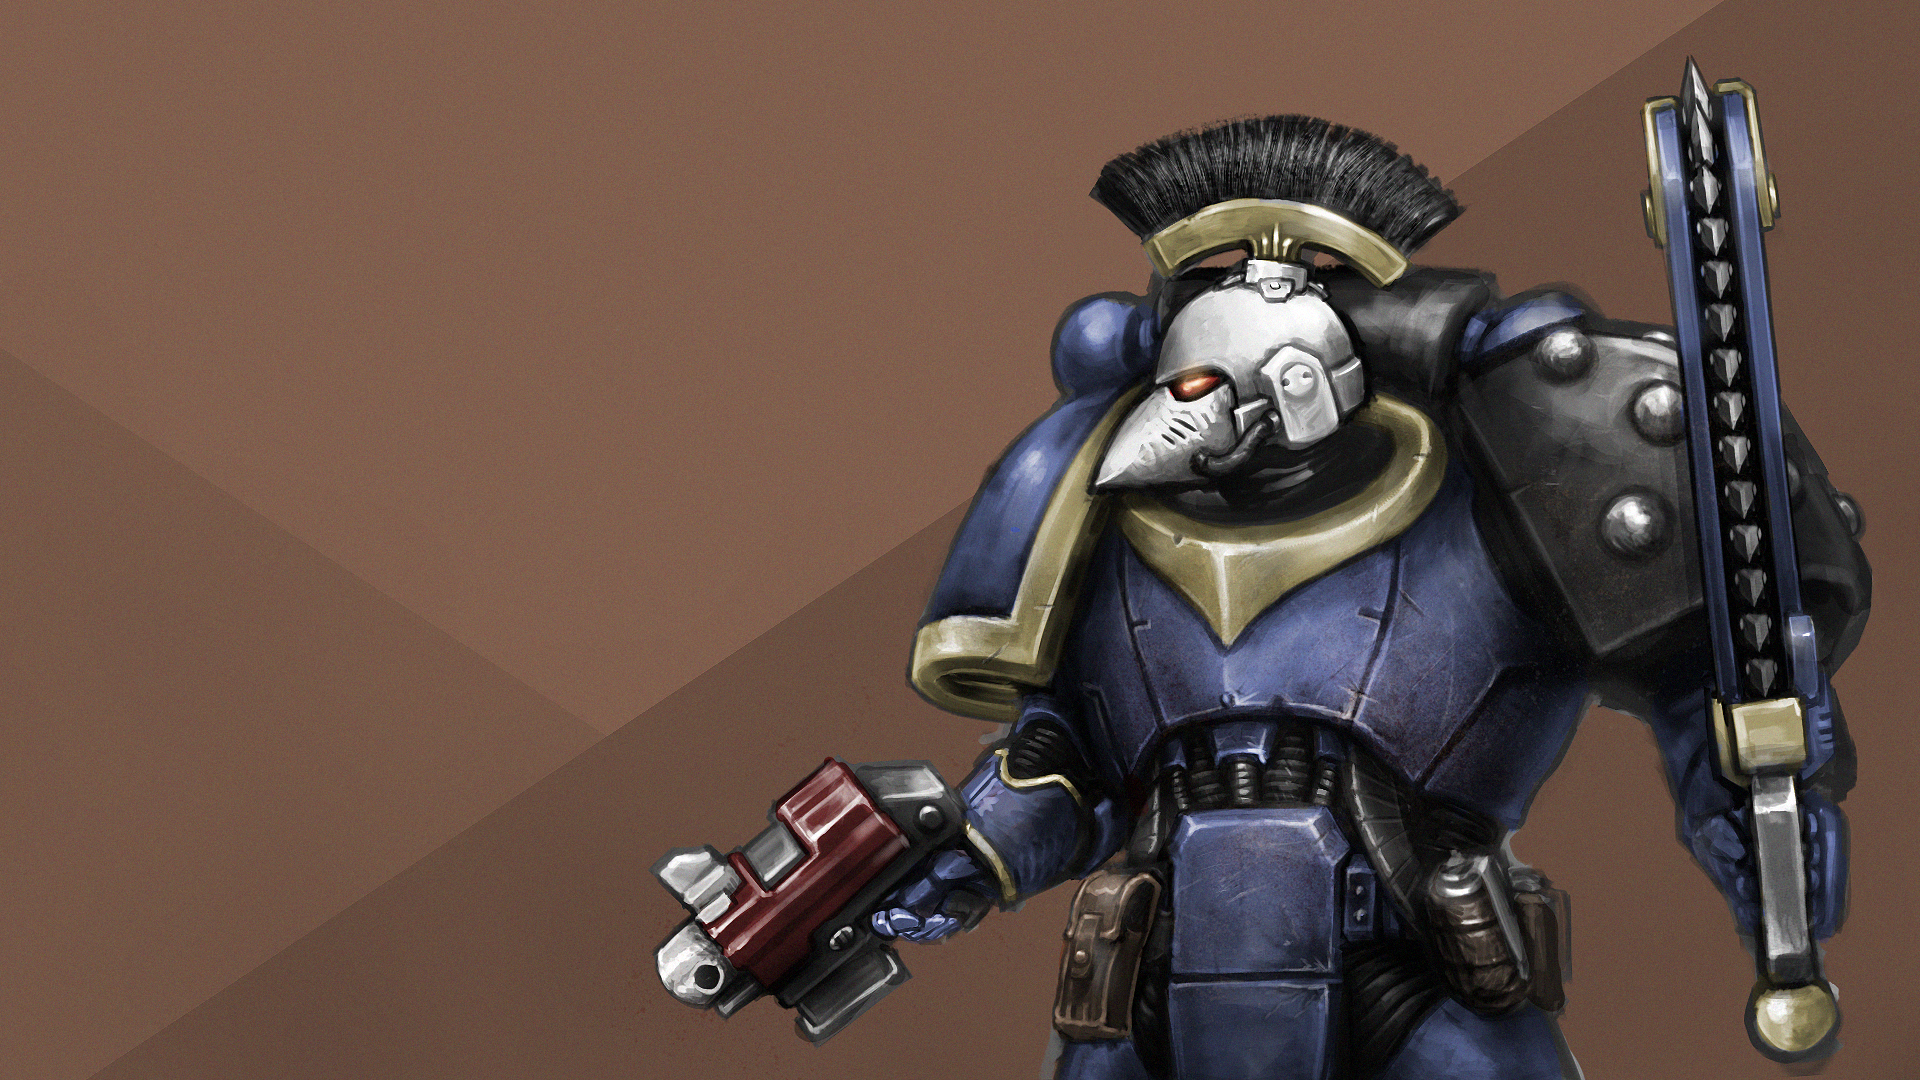 Space Marine by KidneyShake